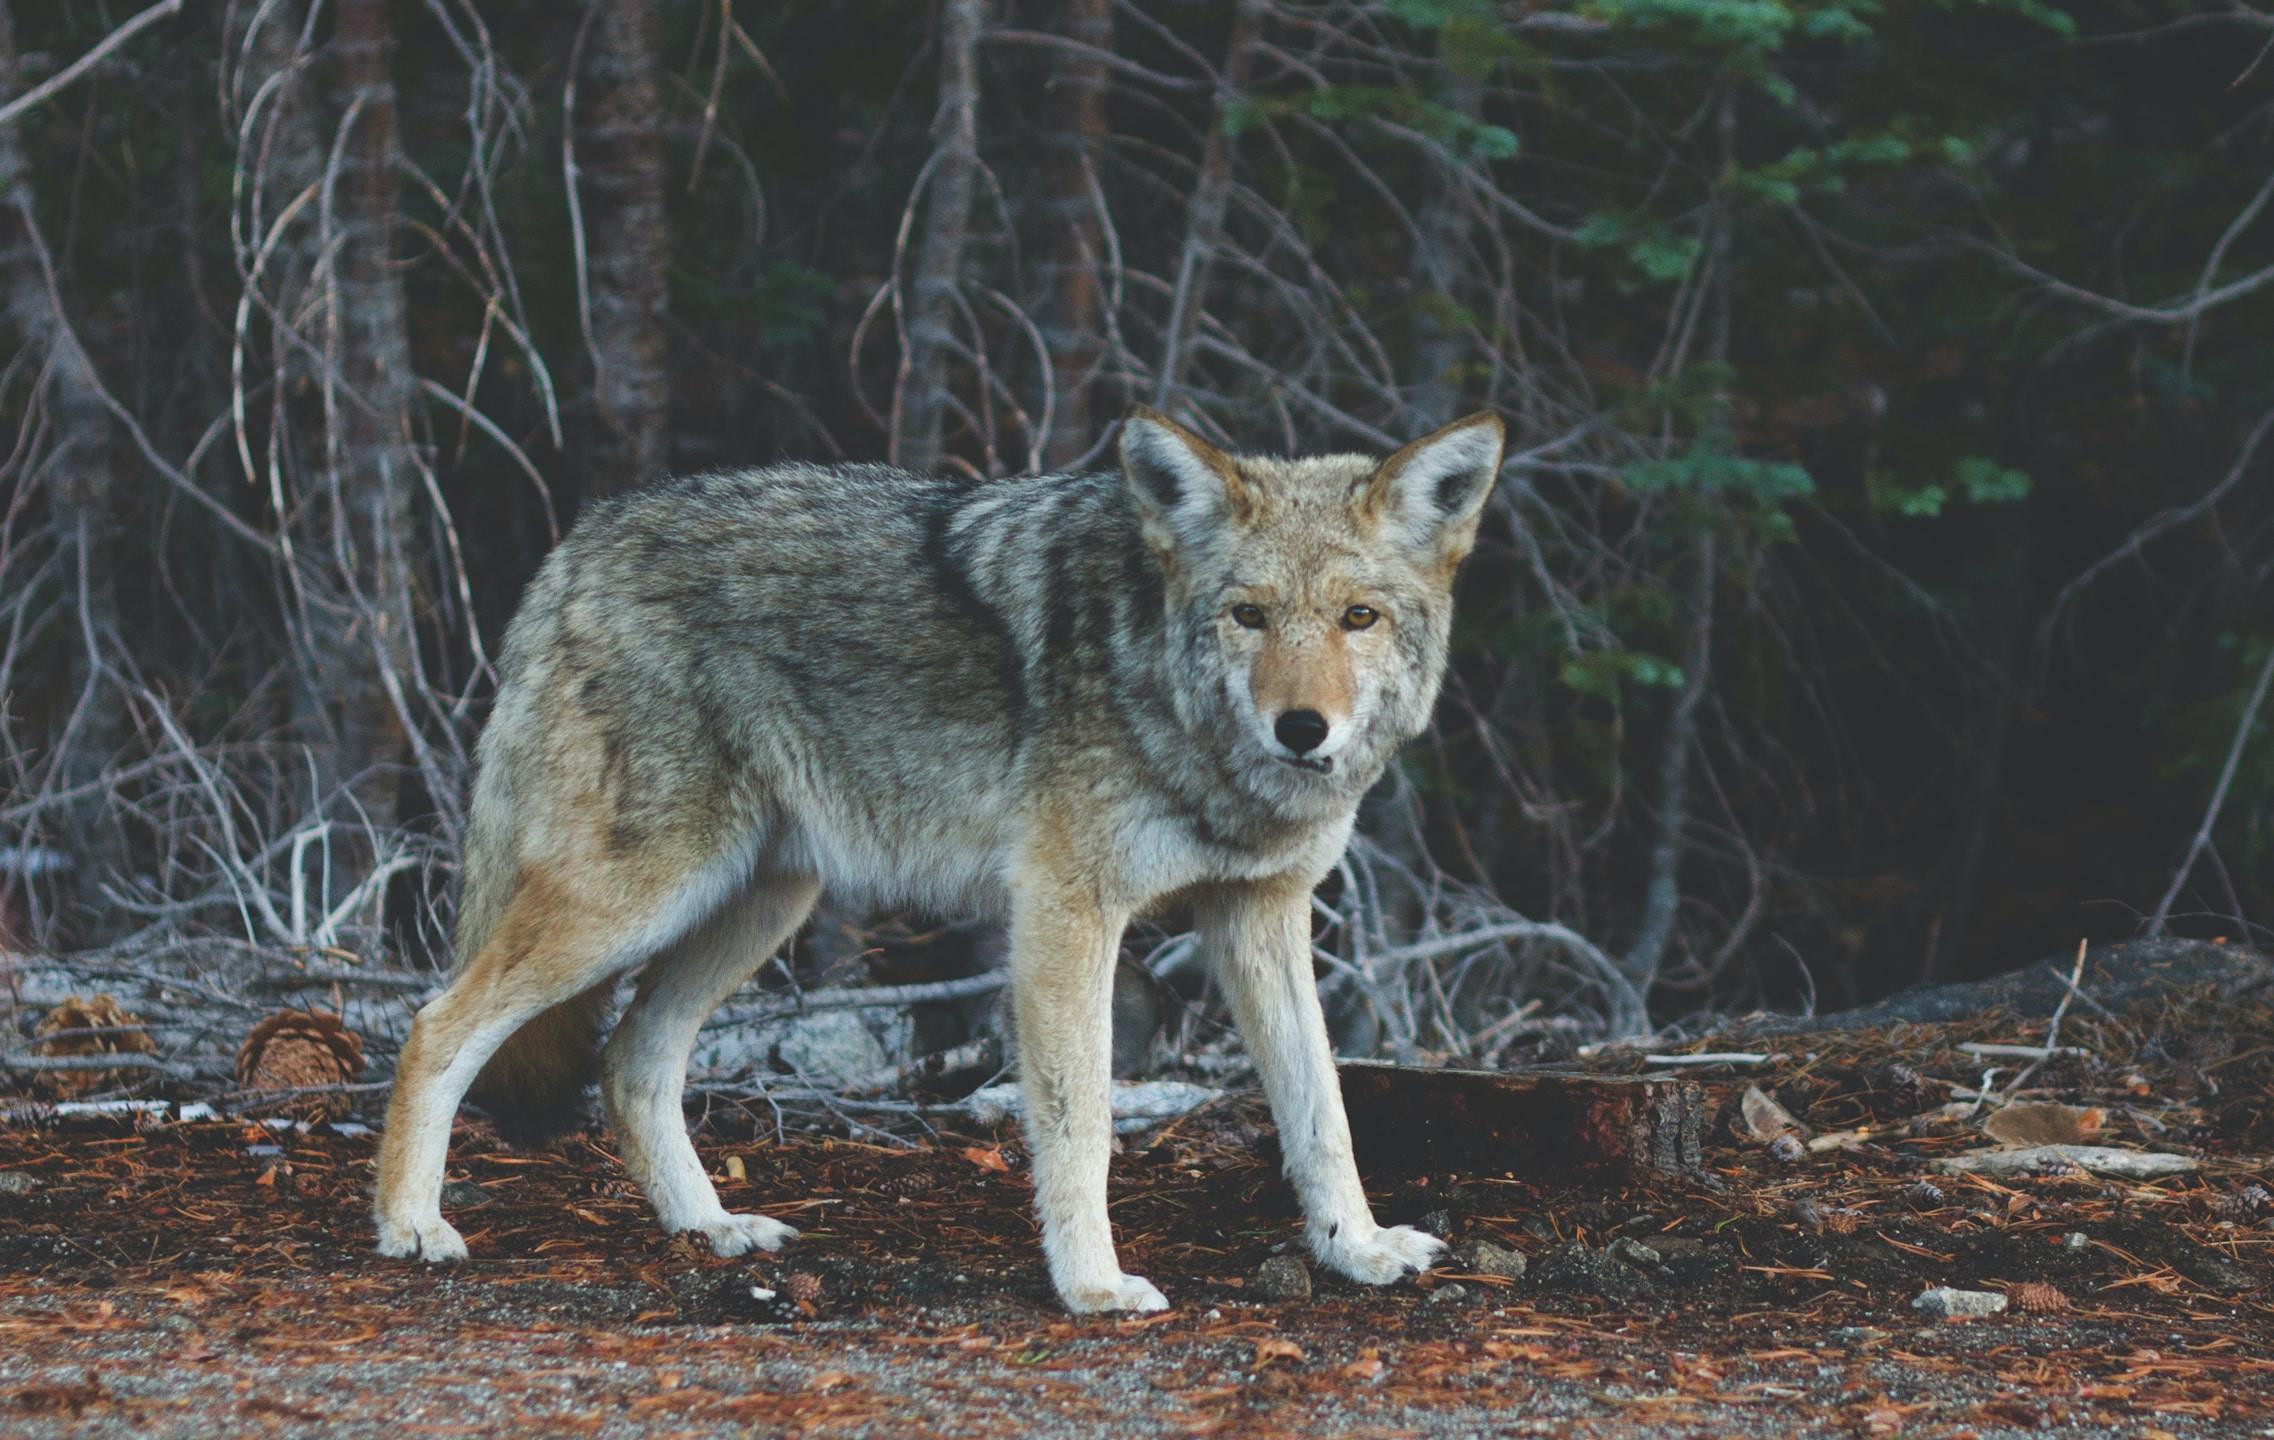 wilk; źródło: Unsplash